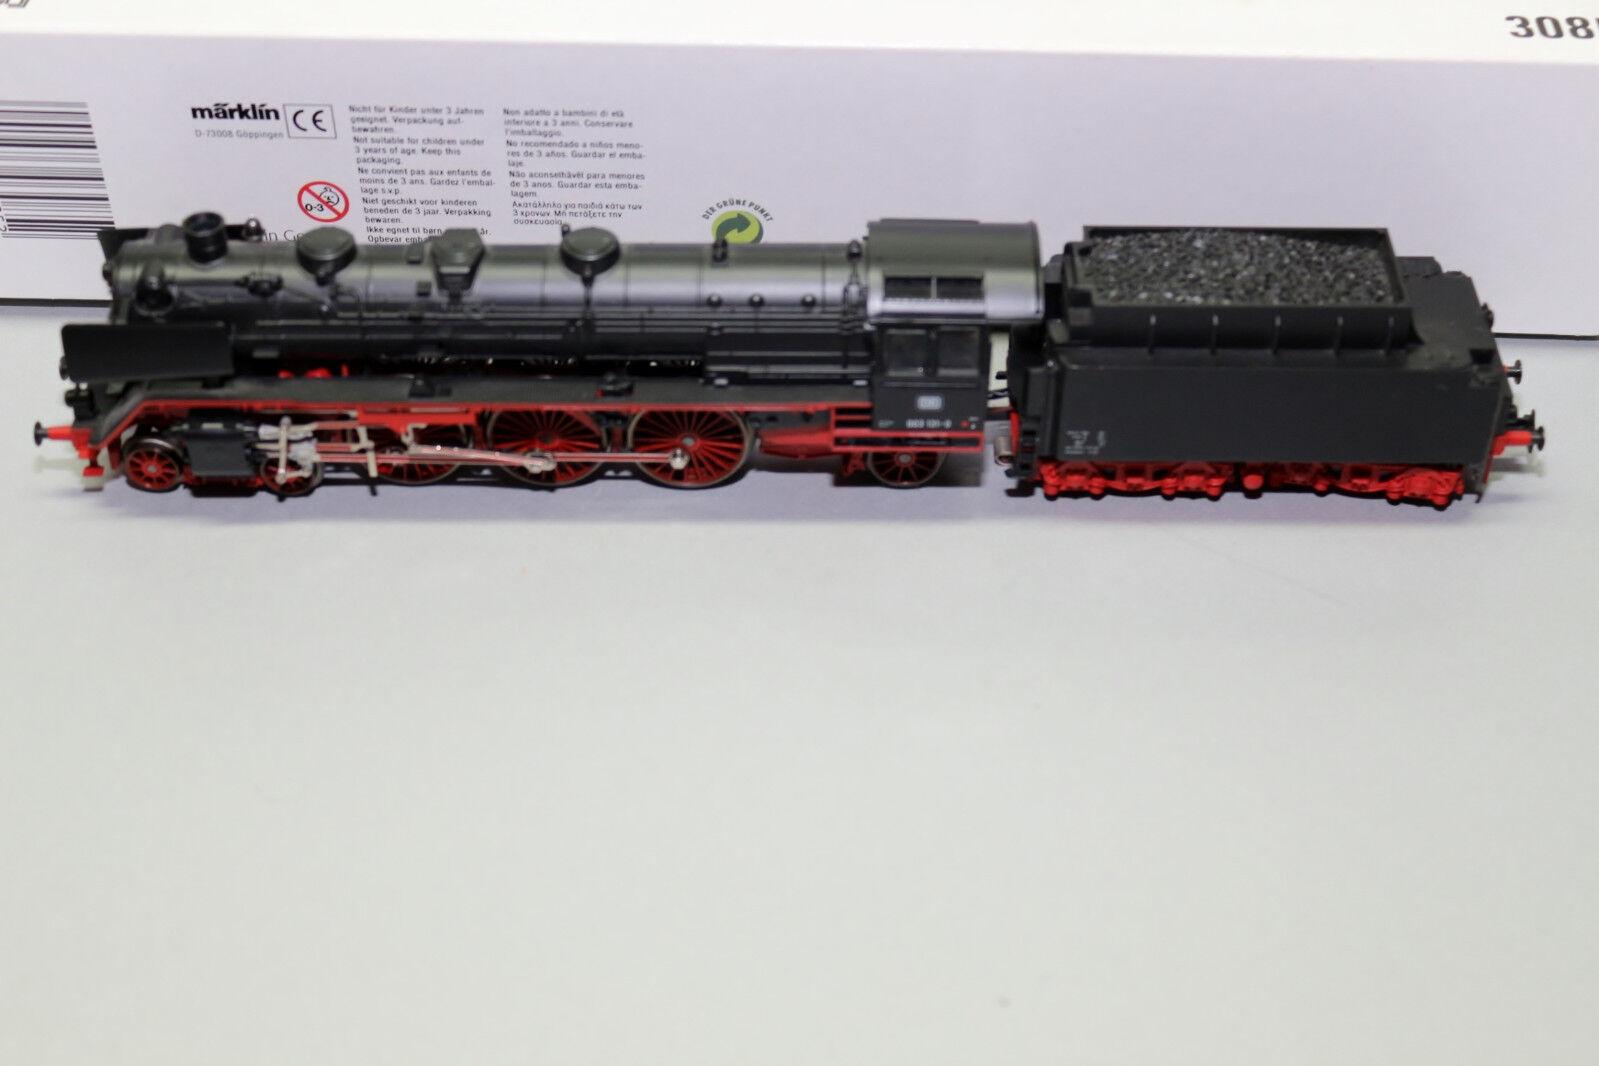 3085 locomotiva serie siano 003 131-0 DB traccia h0 OVP